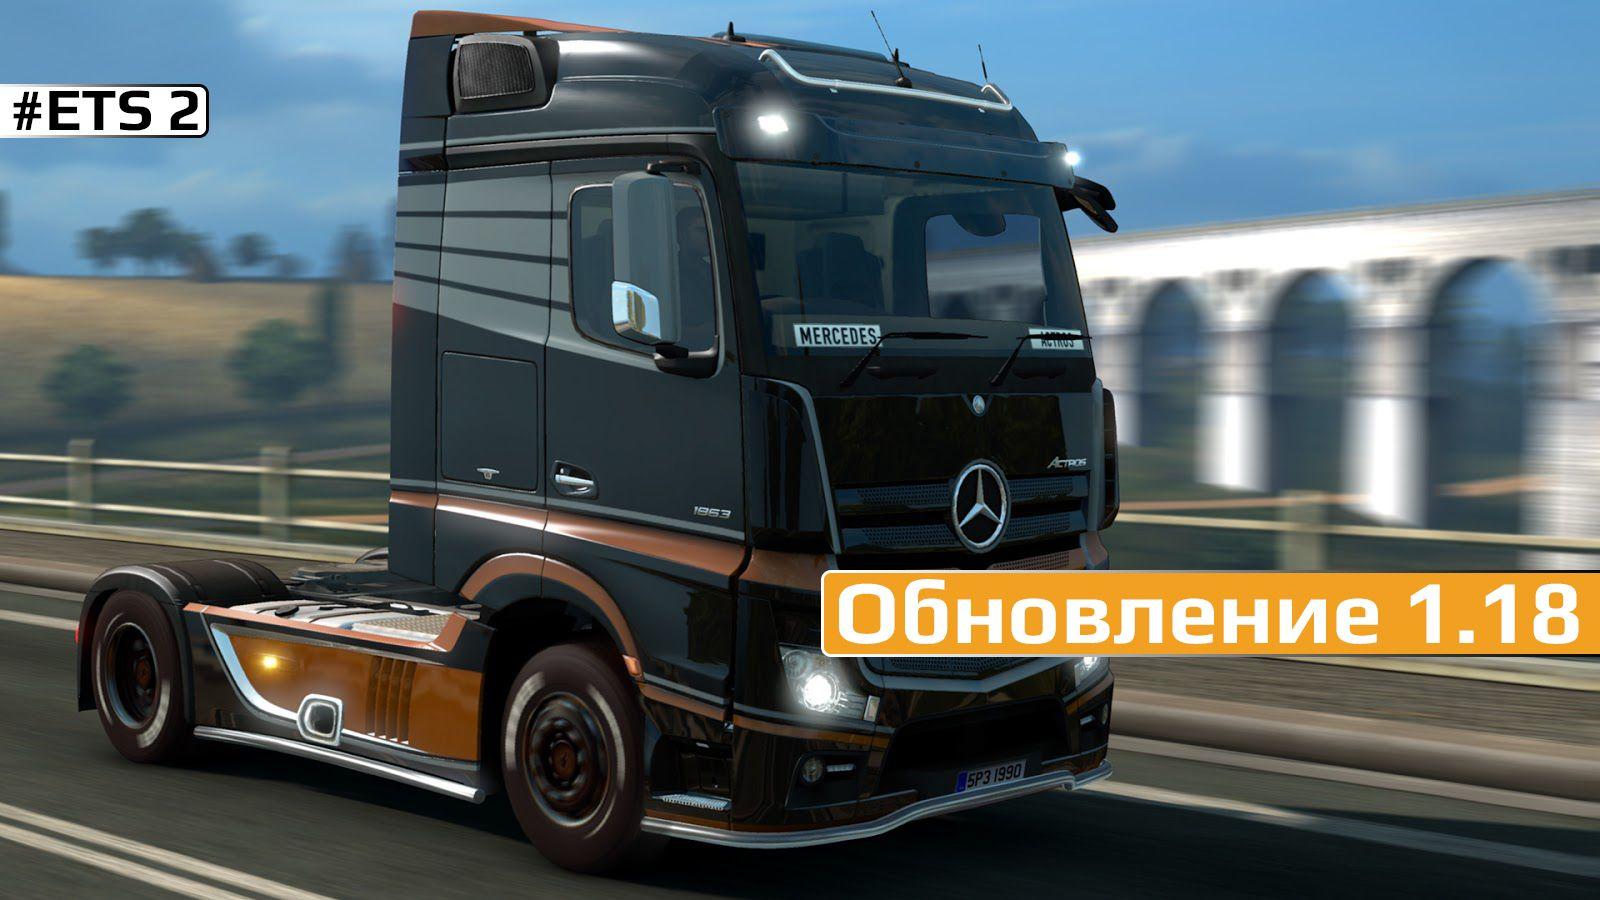 Вышло обновление 1.18 для Euro Truck Simulator 2